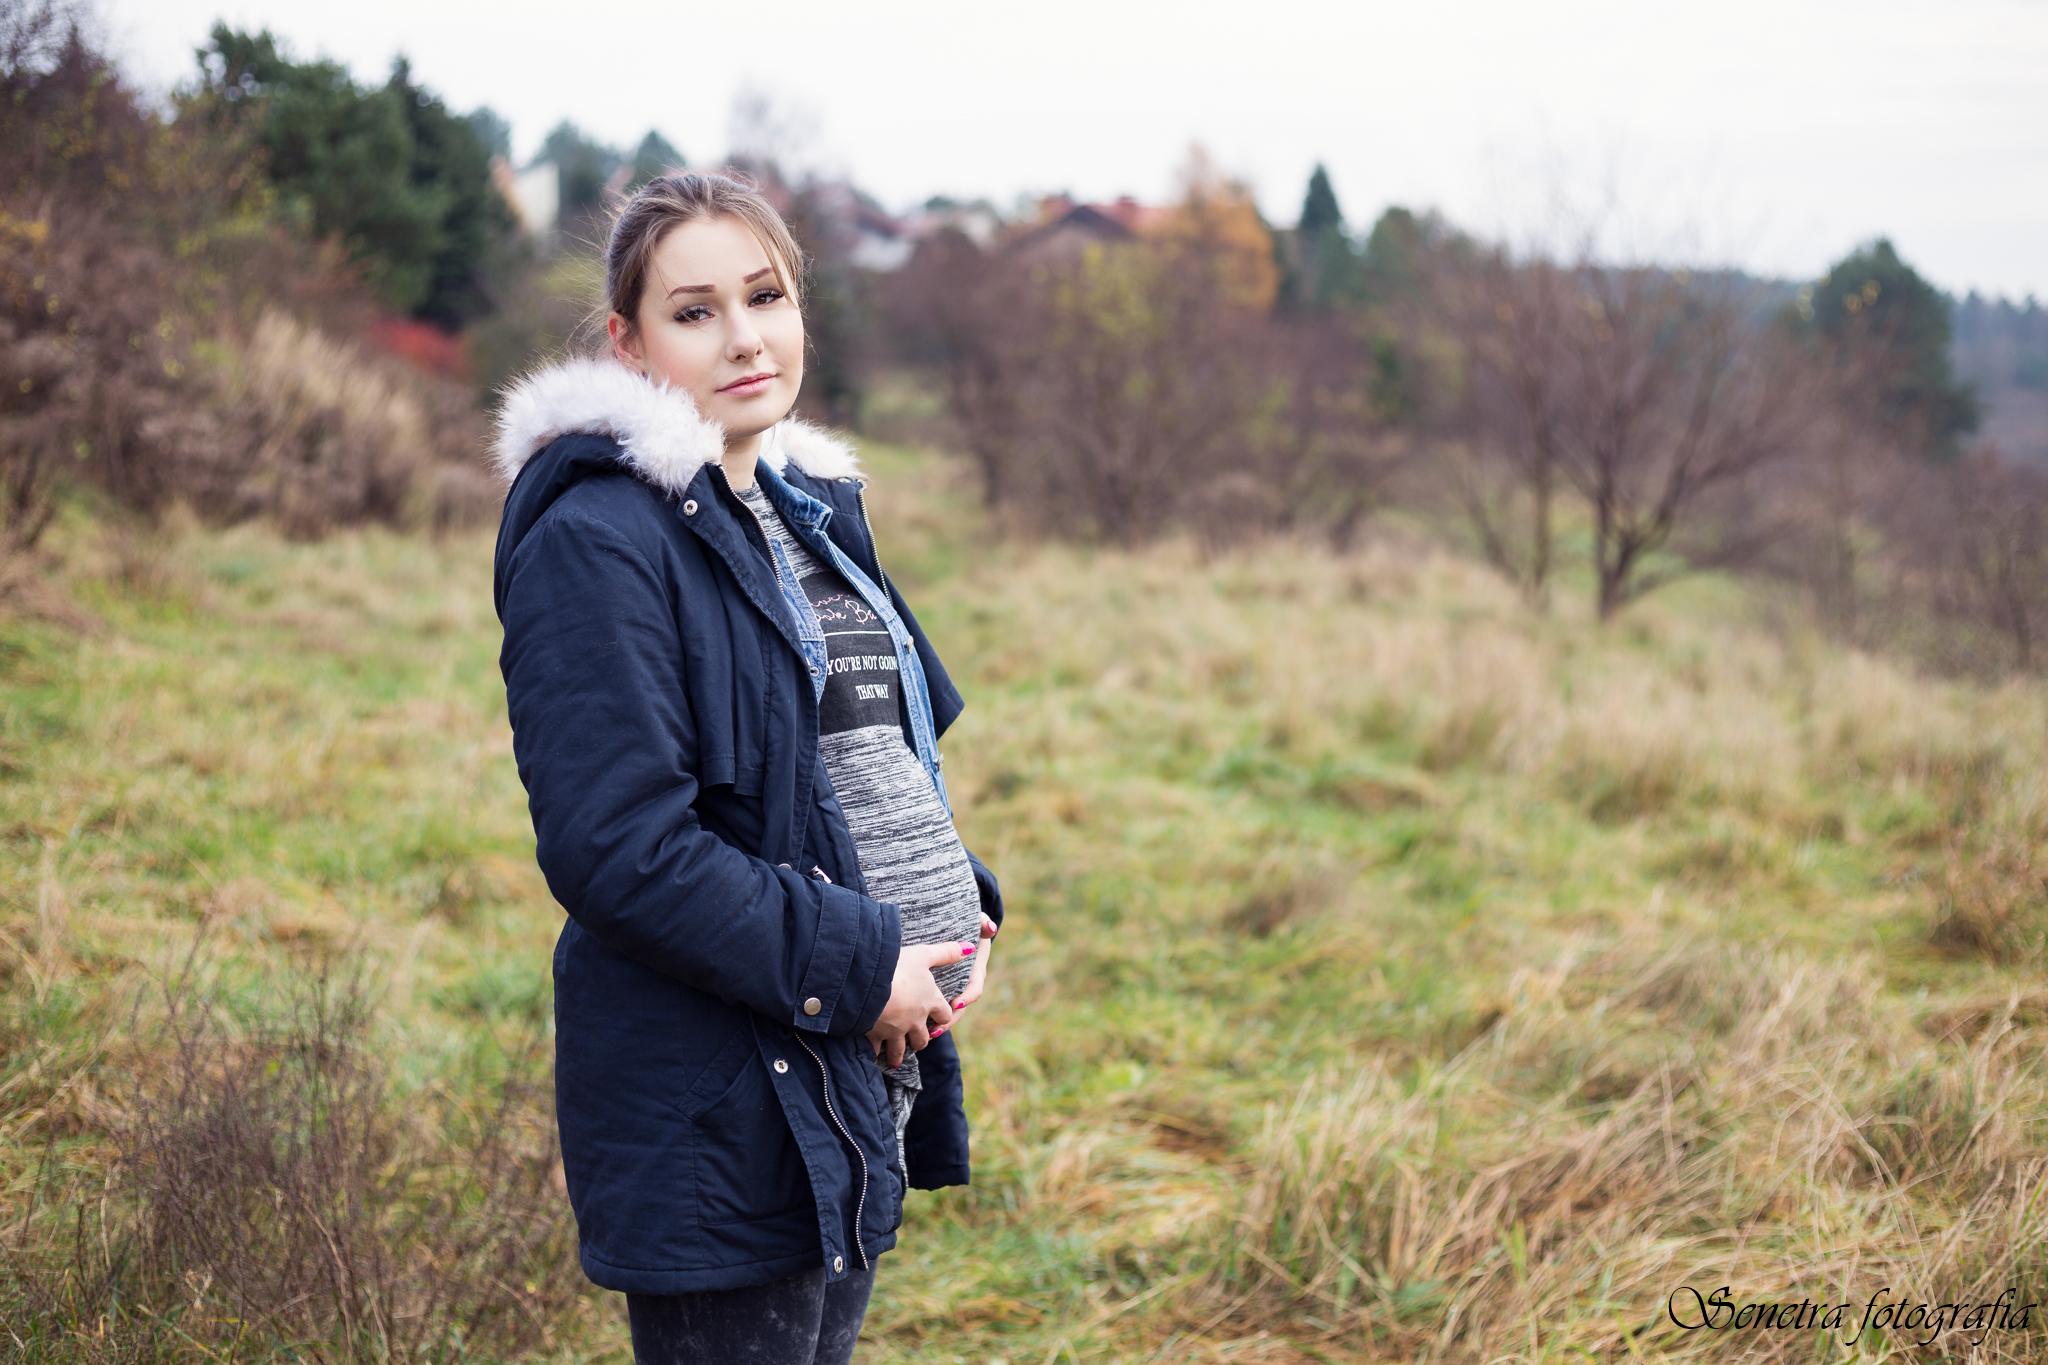 najlepszy fotograf ciazowy olsztyn